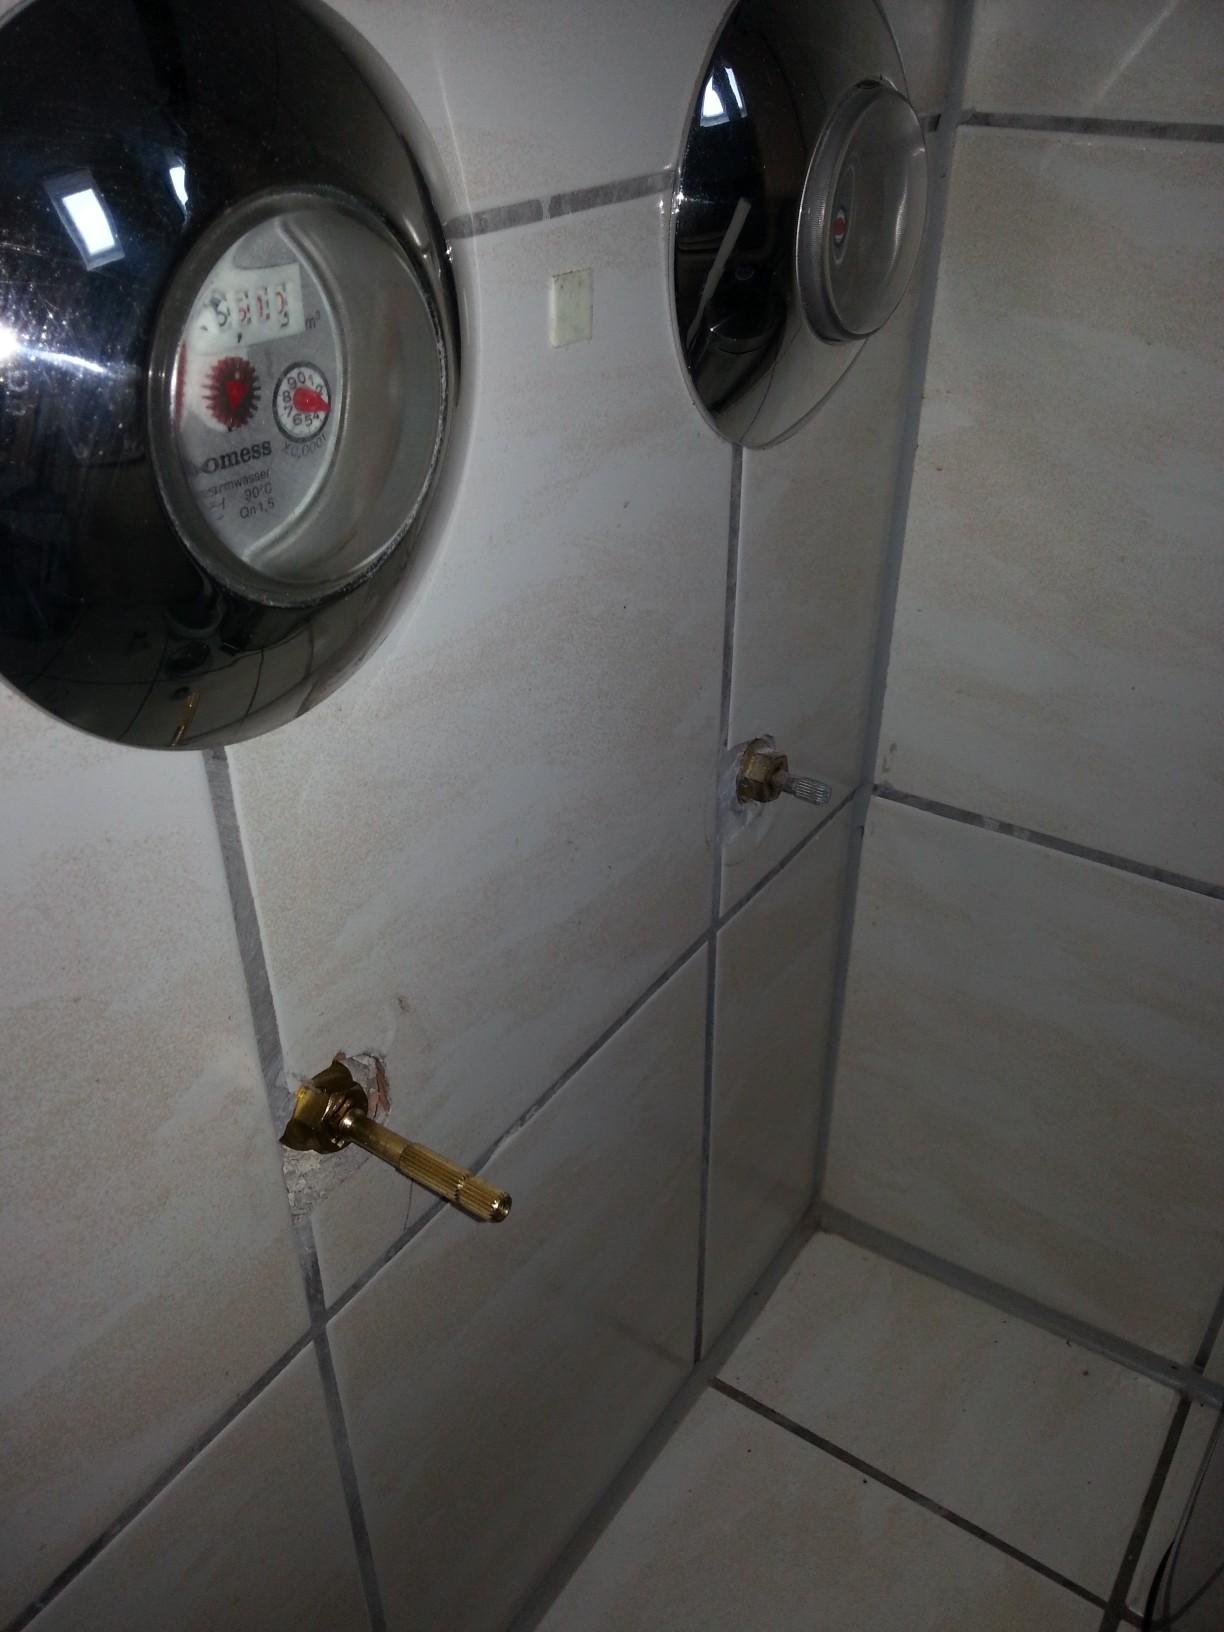 kein druck mehr am wasserhahn (haus, wasser, haustechnik) ~ Wasserhahn Waschmaschine Kein Wasser